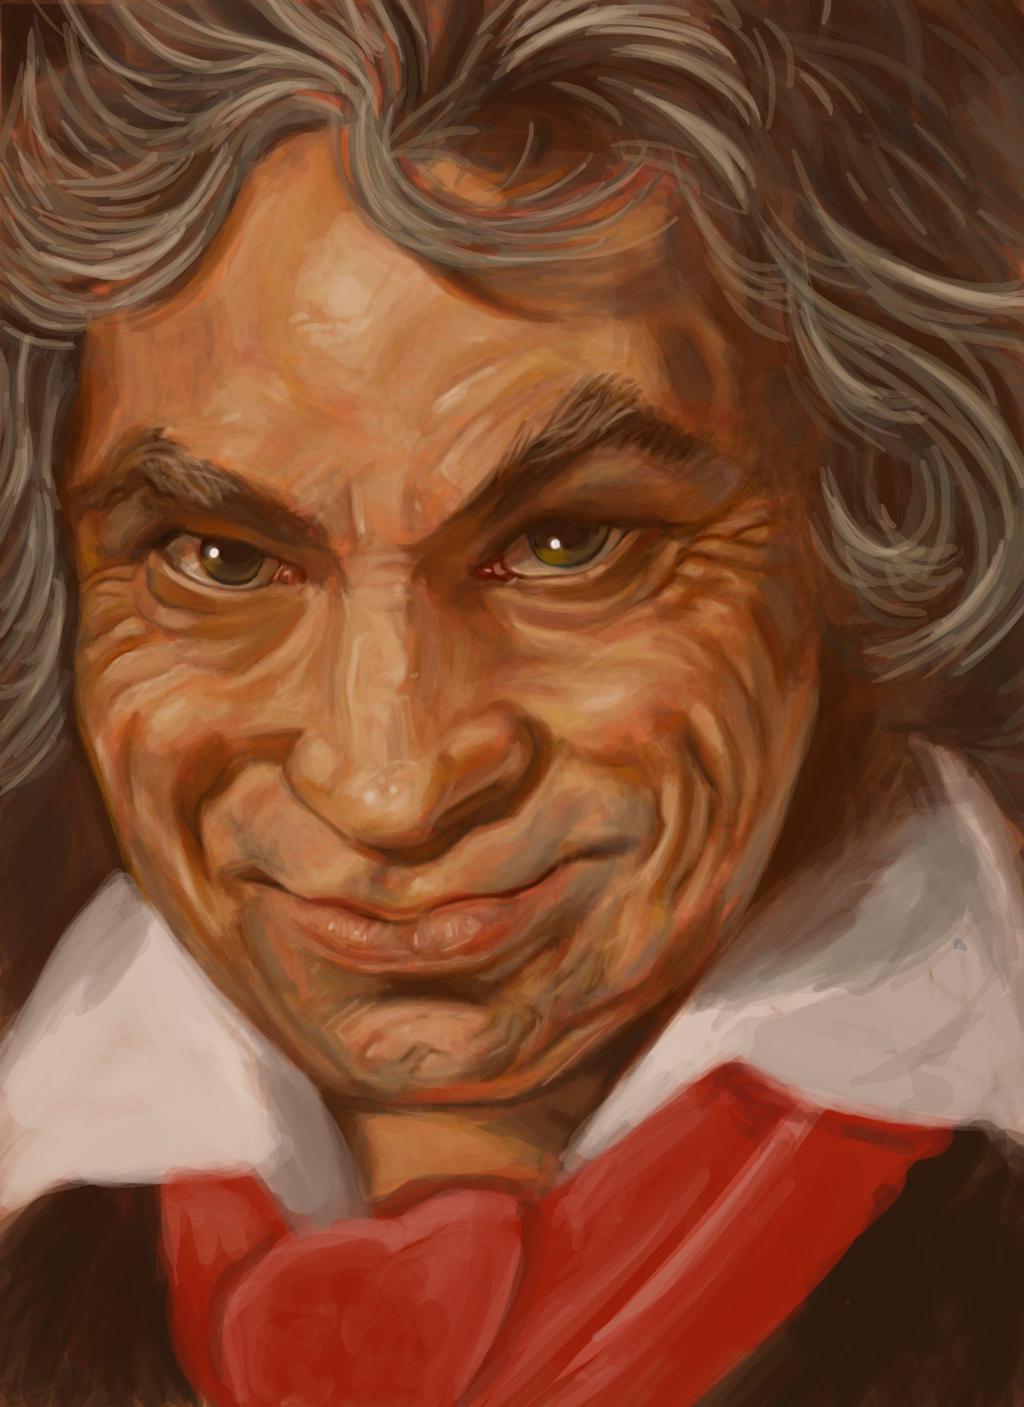 Ludwig Van Beethoven by moxco